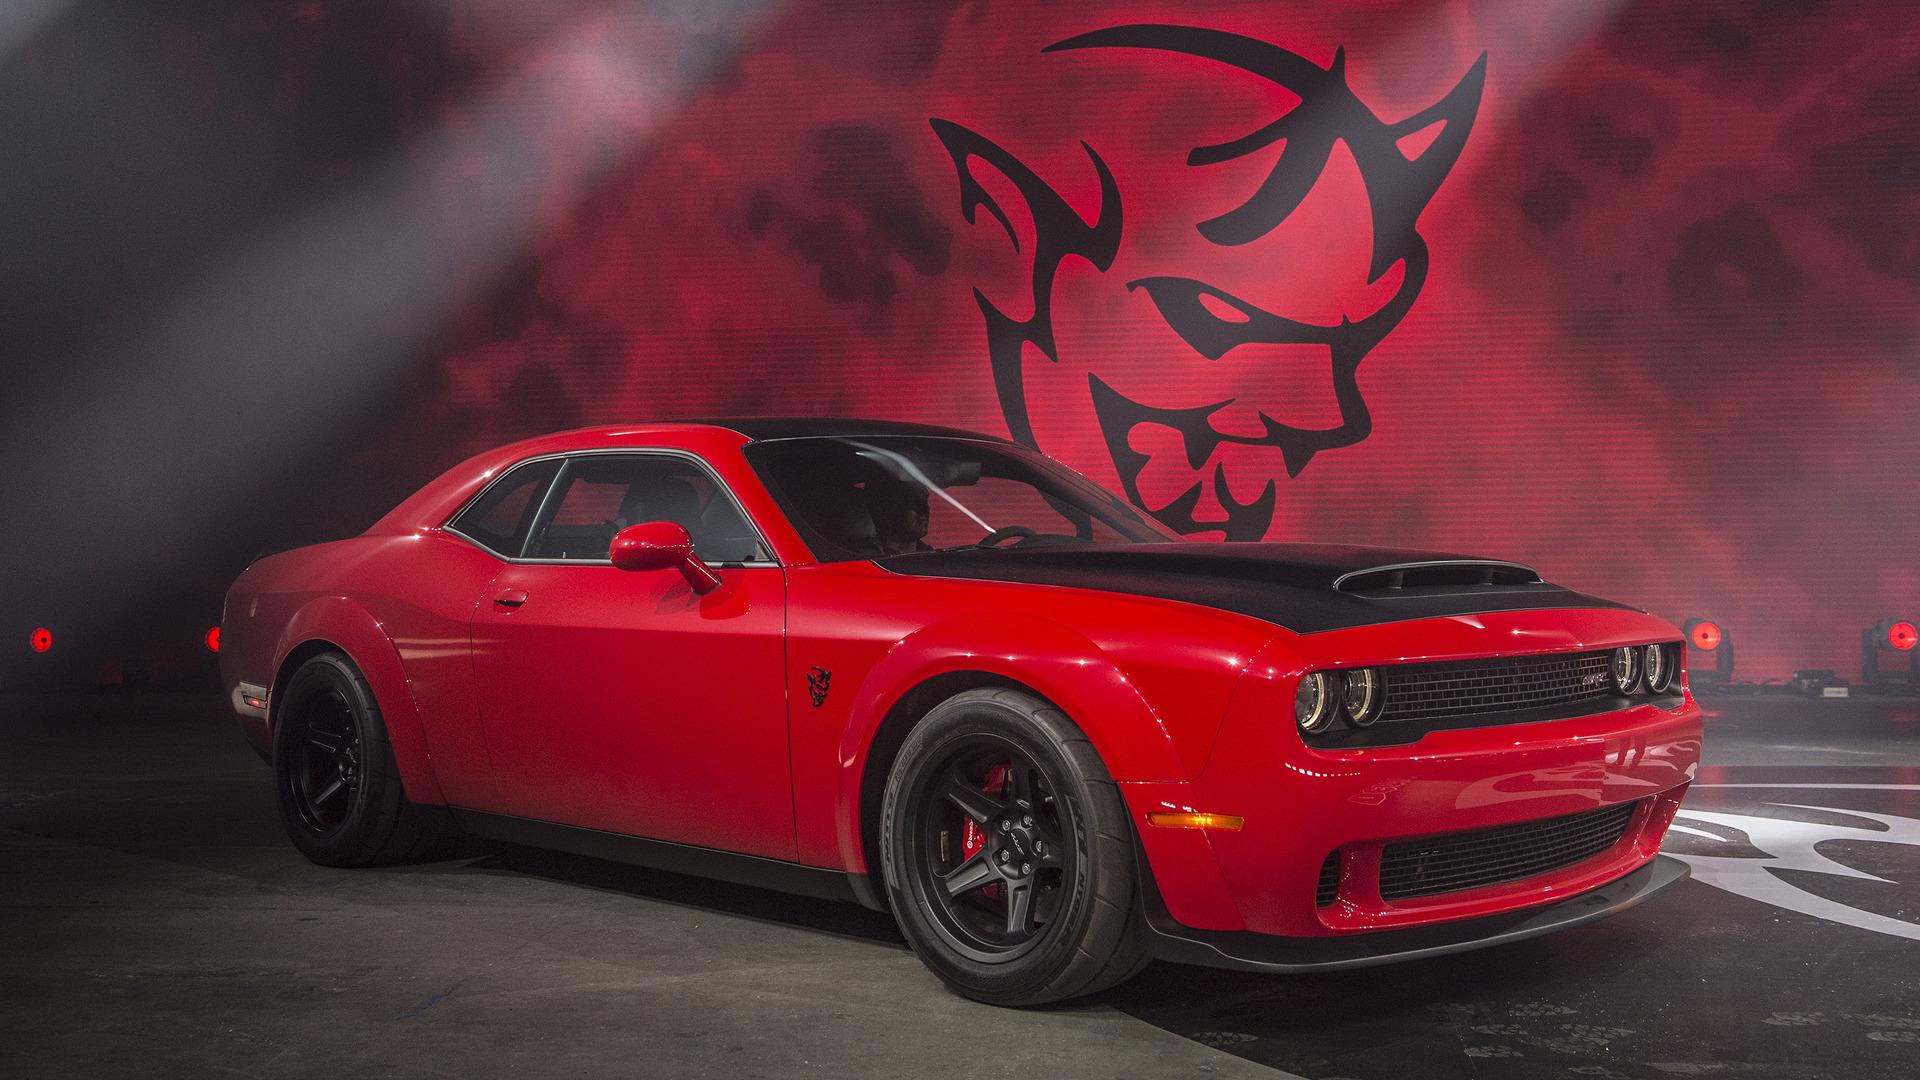 Dodge Charger Demon >> Dodge Challenger Srt Demon Will Cost Well Below Six Figures